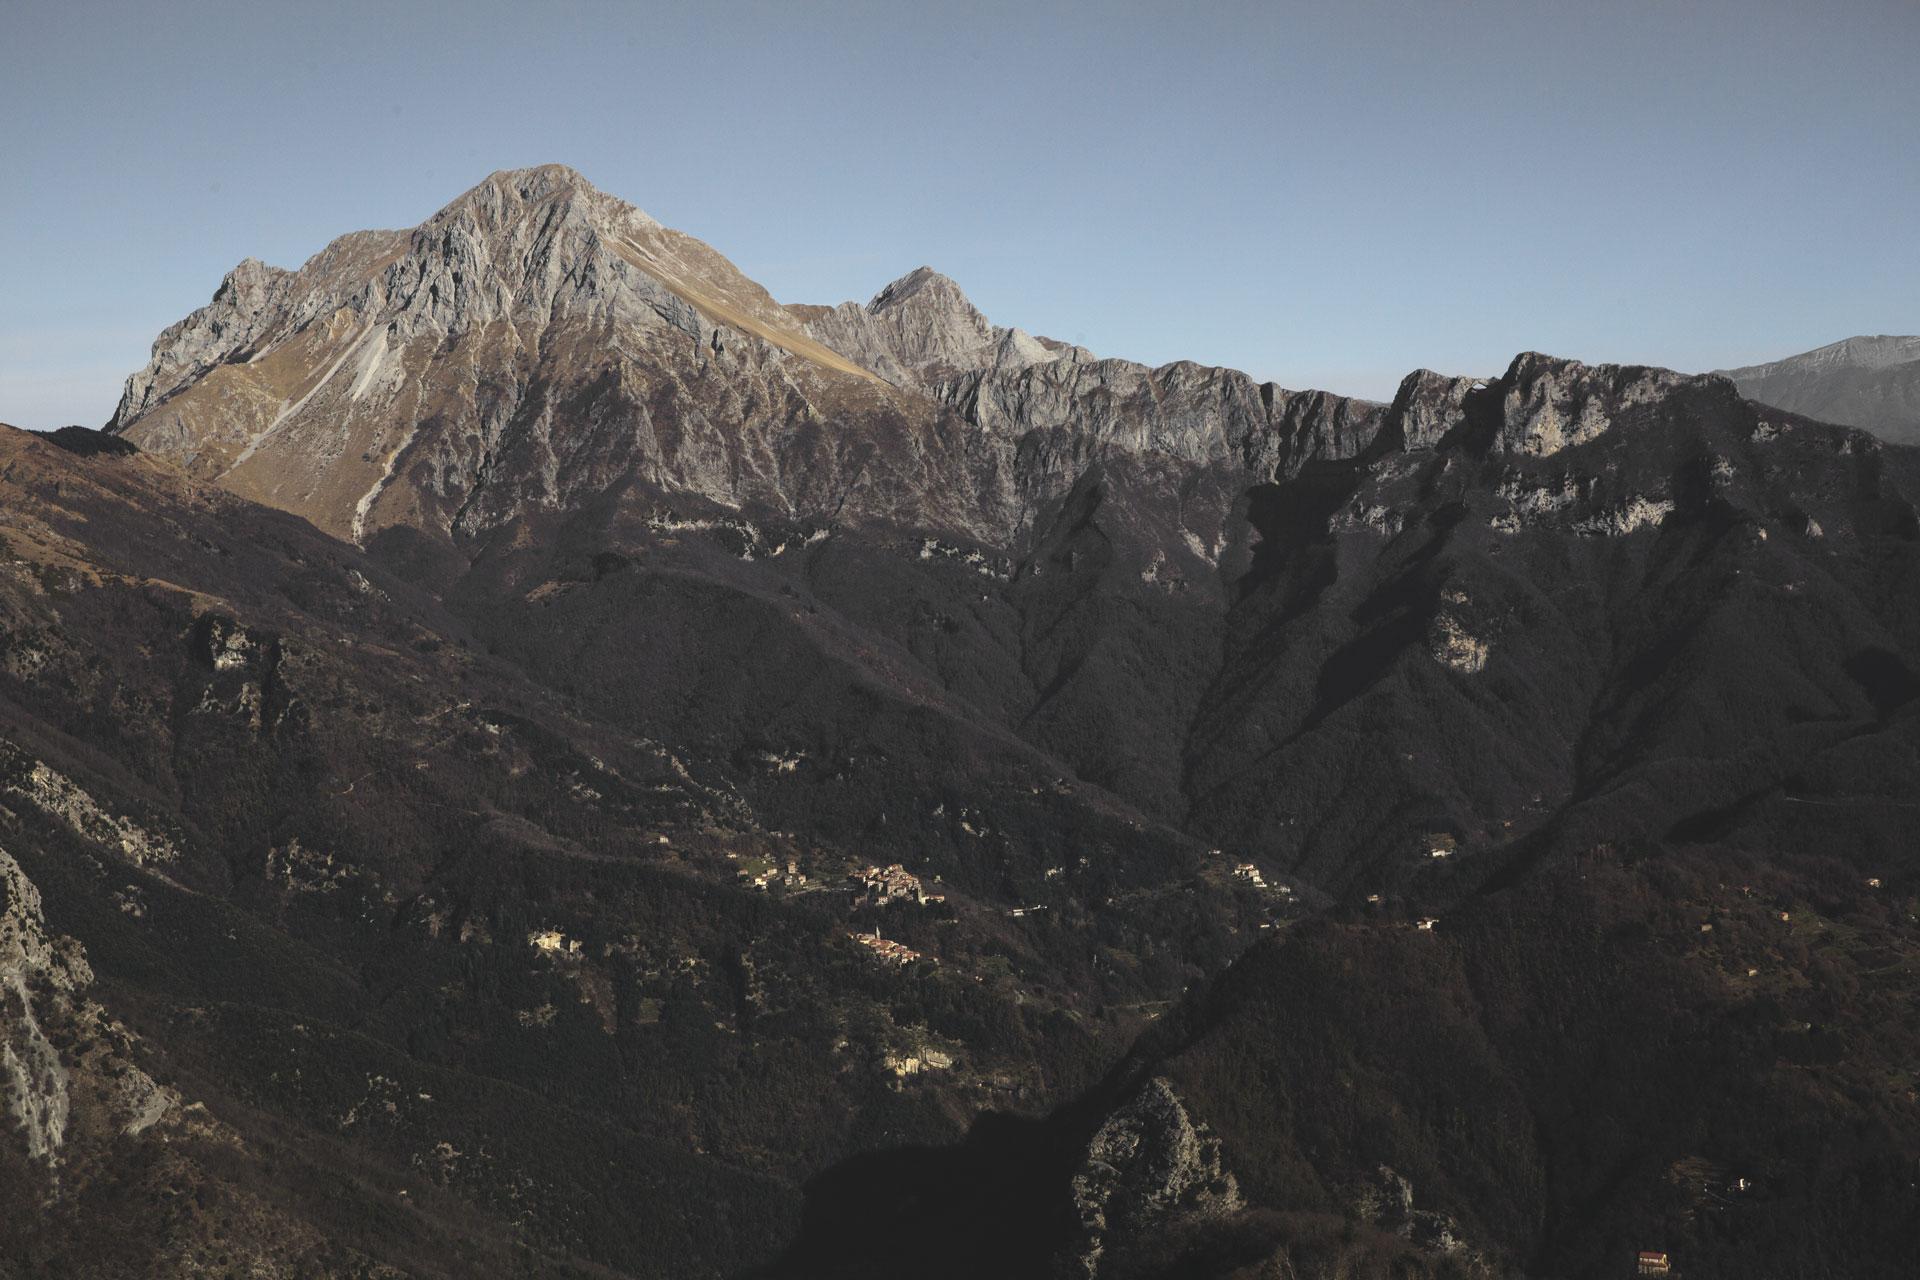 Da sinistra Pania della Croce, Pania Secca, Costa Pulita e le due vette del Monte Forato, viste dalla vetta del Monte Lieto